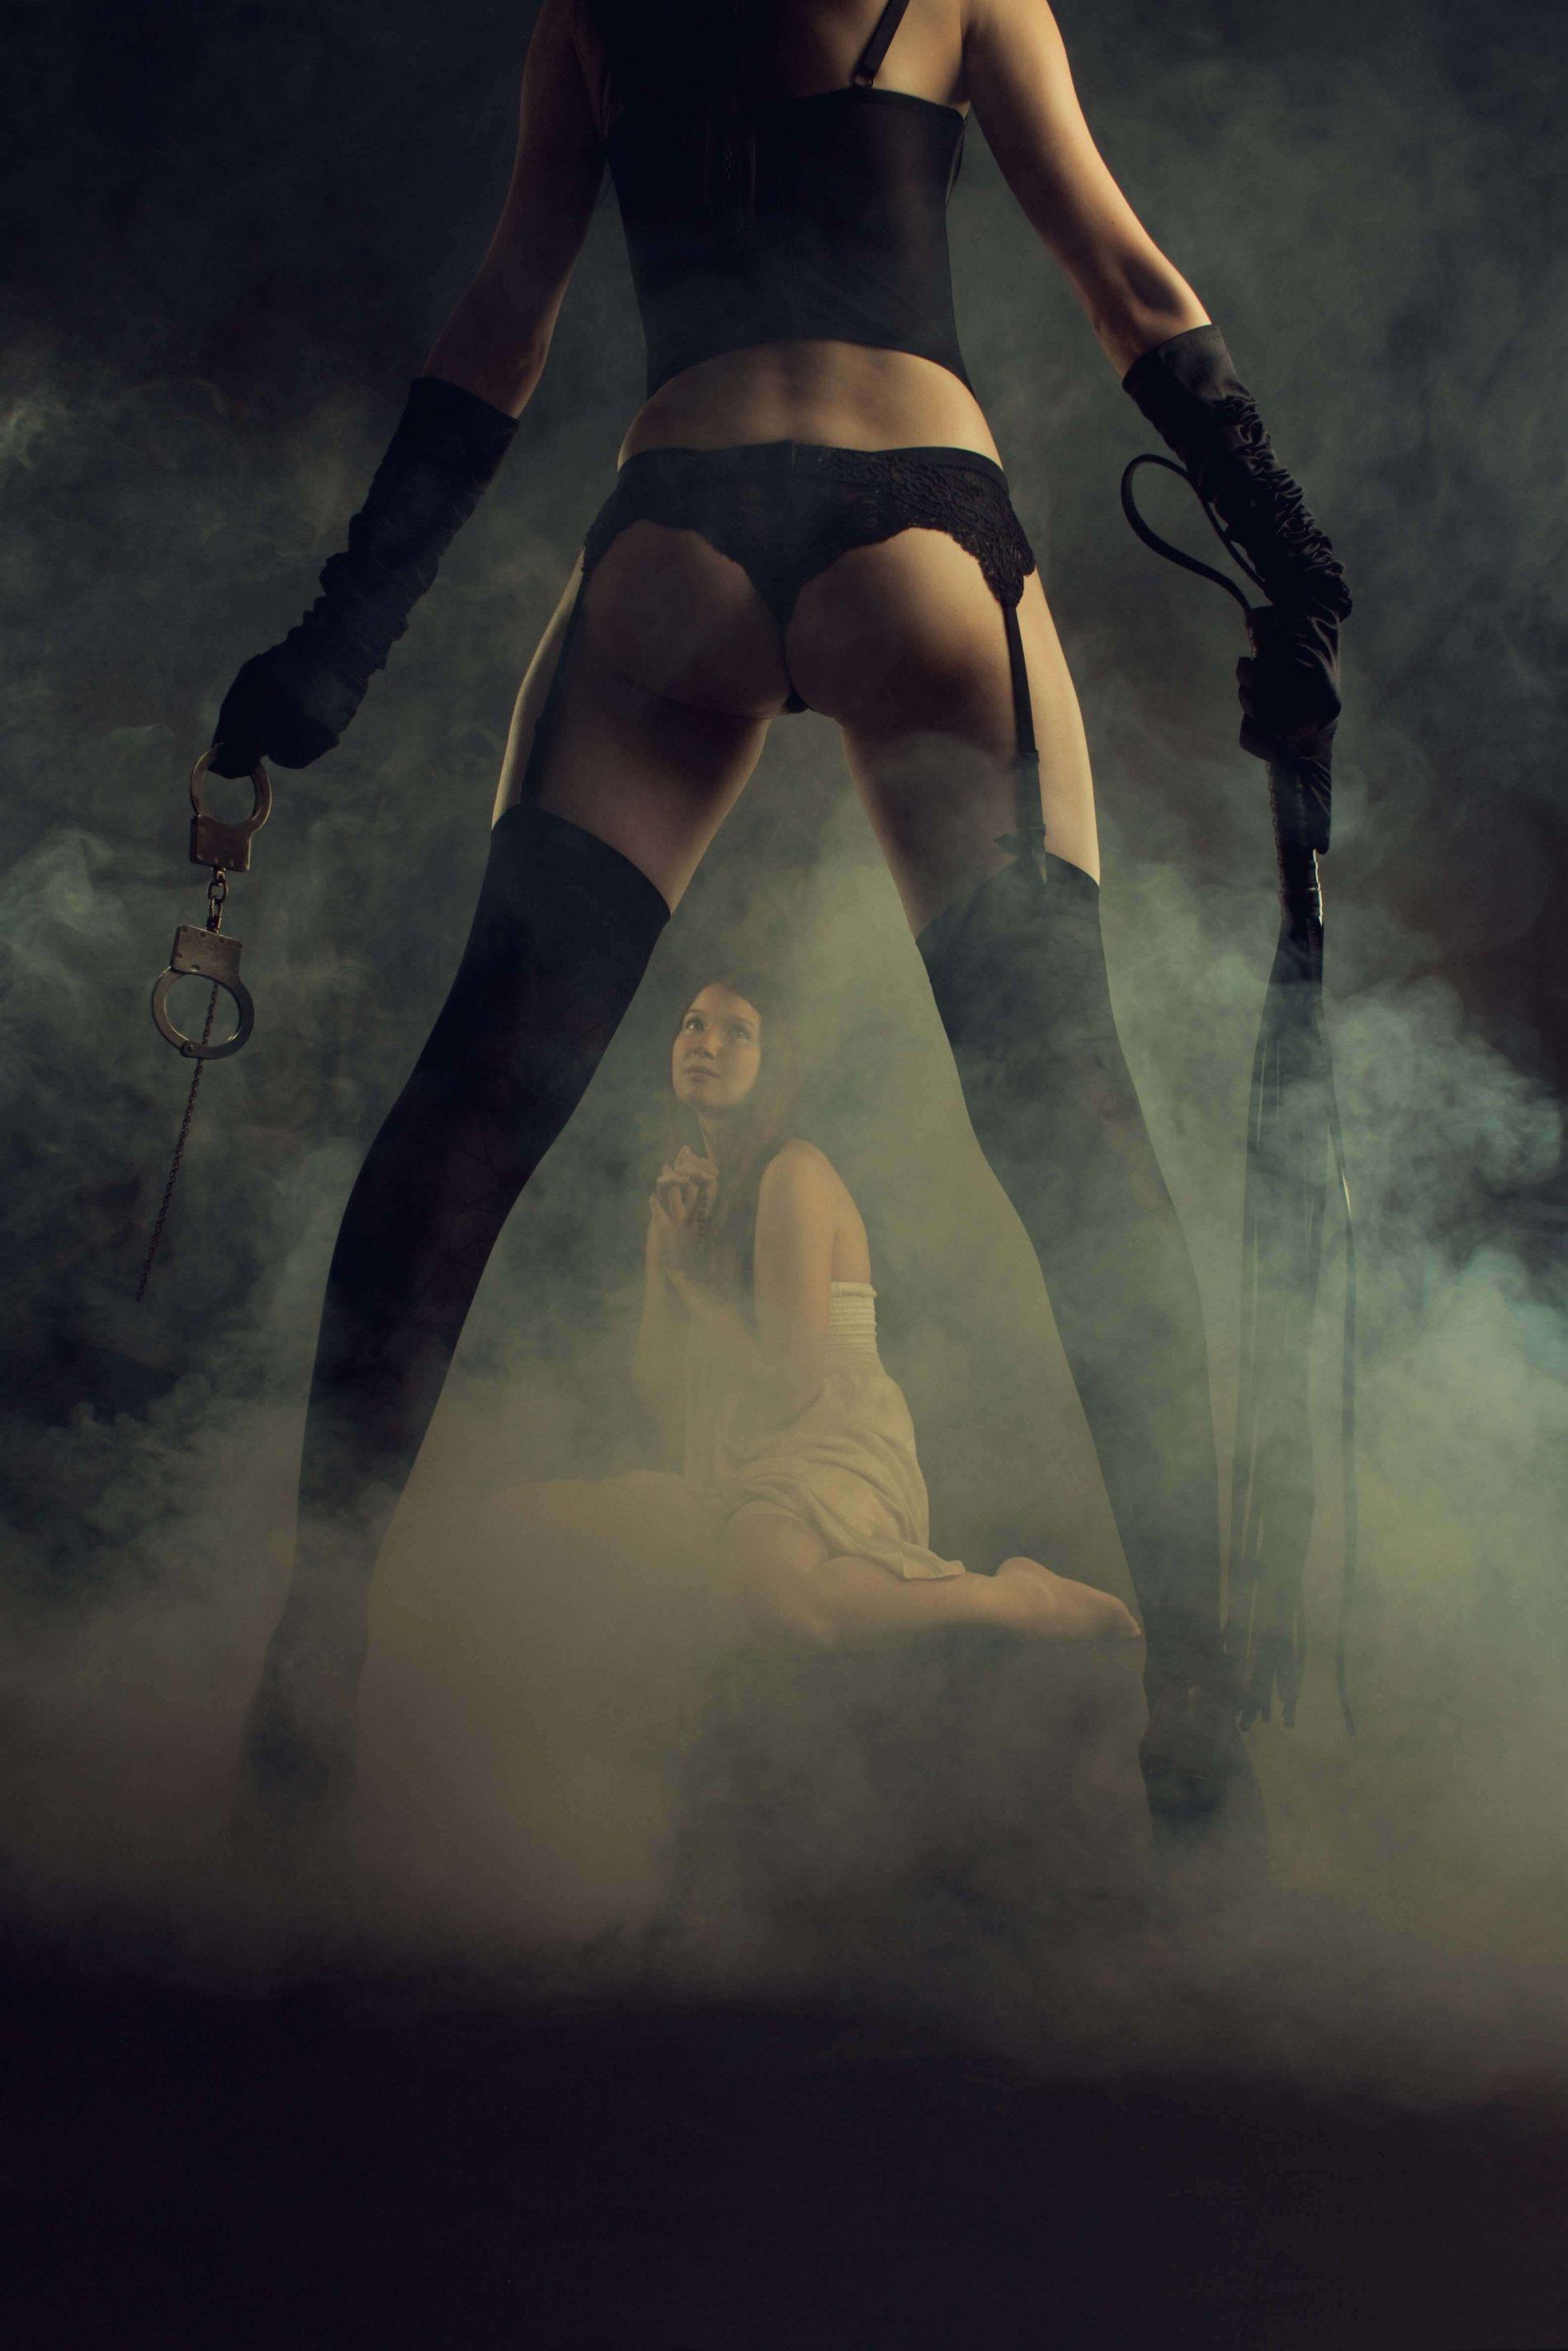 De spannendste speeltjes voor soft BDSM